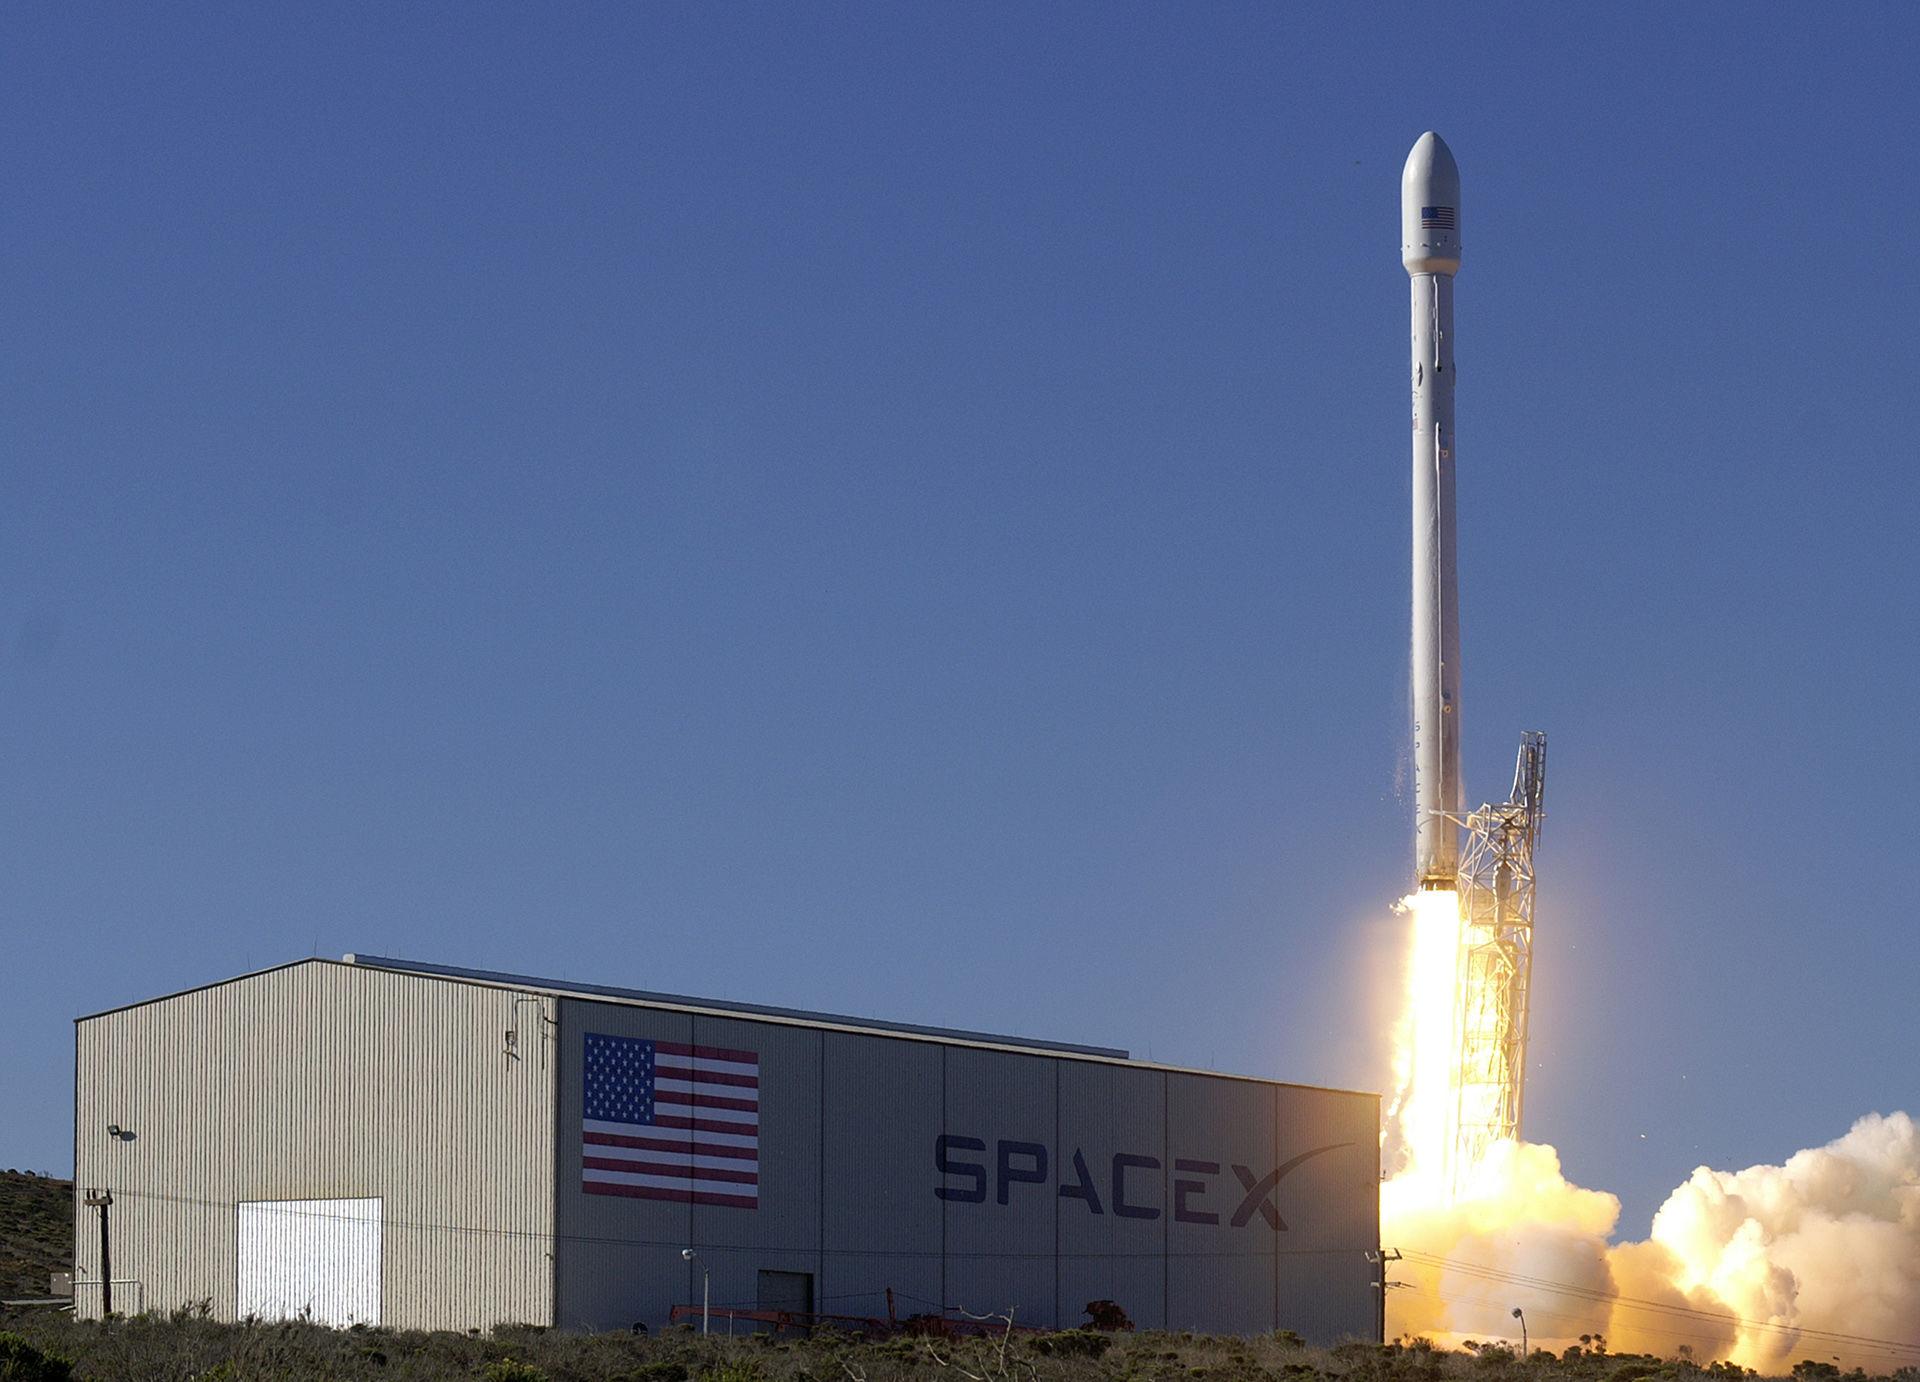 SpaceX siktar på att skjuta upp en begagnad raket i höst